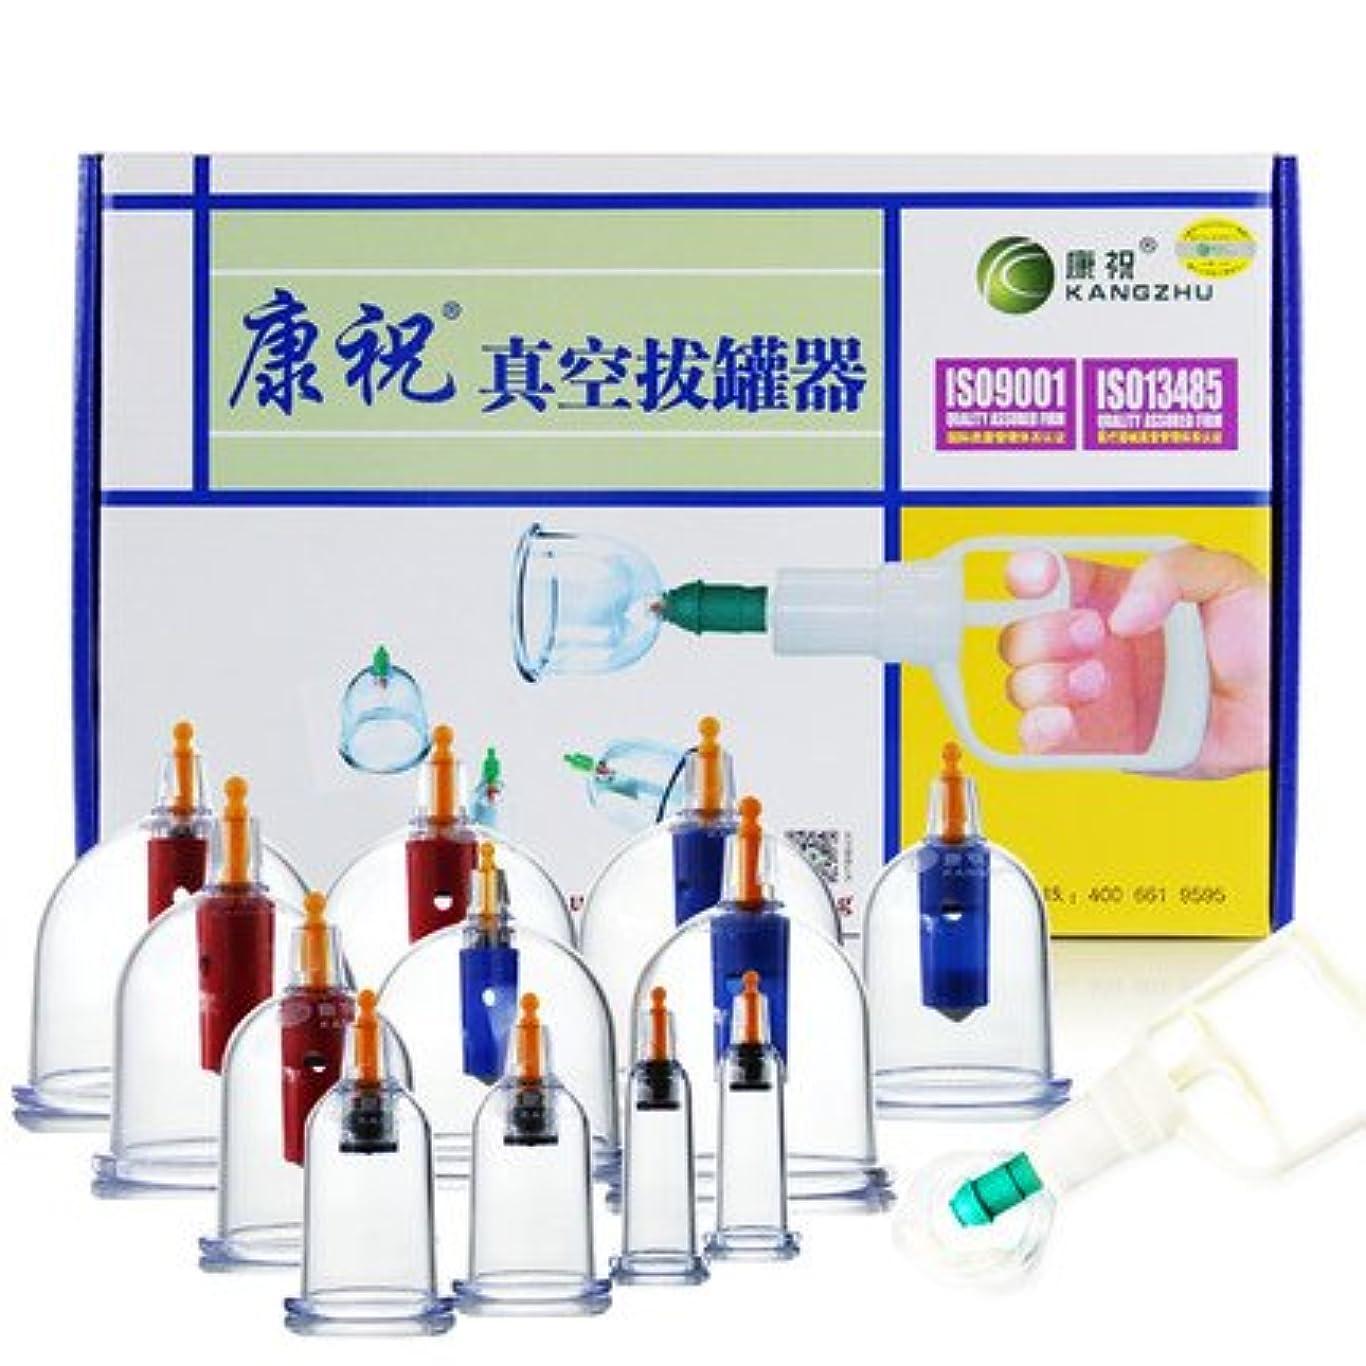 測定ファイル能力kangzhu 「新包装」カッピング cupping 吸い玉カップ 脂肪吸引 康祝 KANGZHU 6種 12個カップ 自宅エステ アンチエイジングに B12